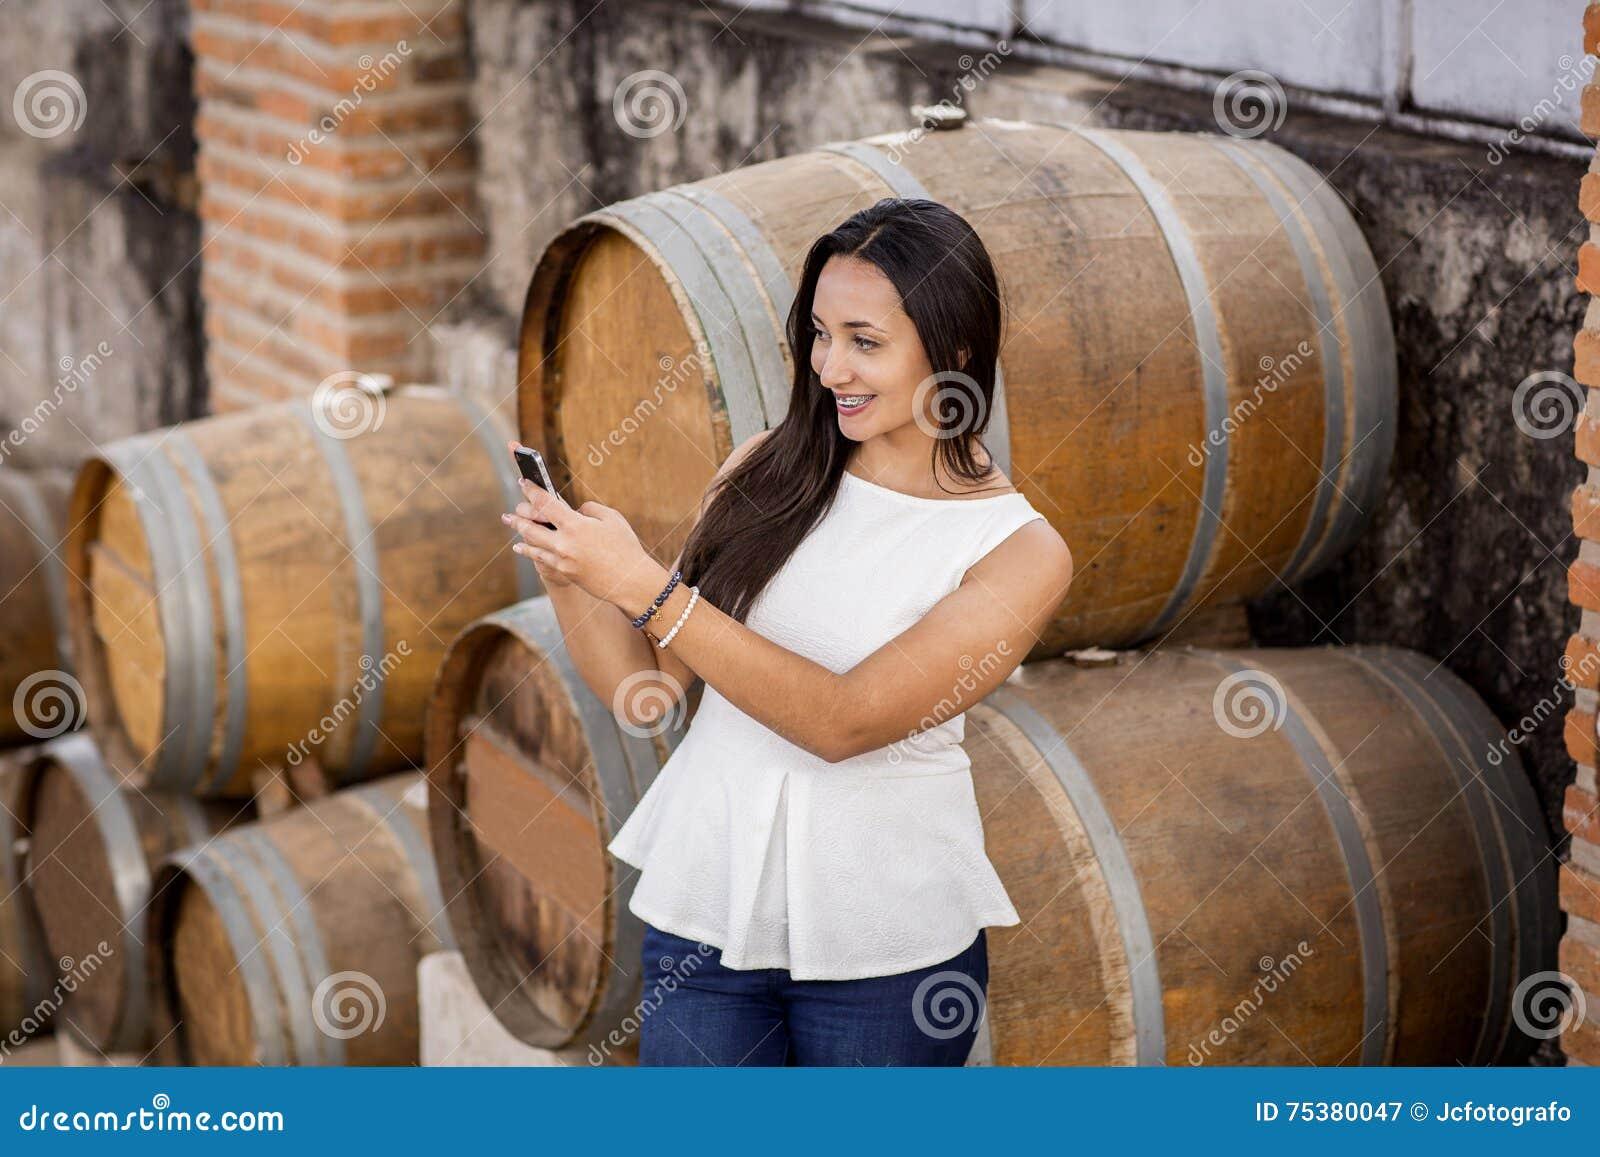 Analsex mit dem Bauarbeiter im Weinkeller